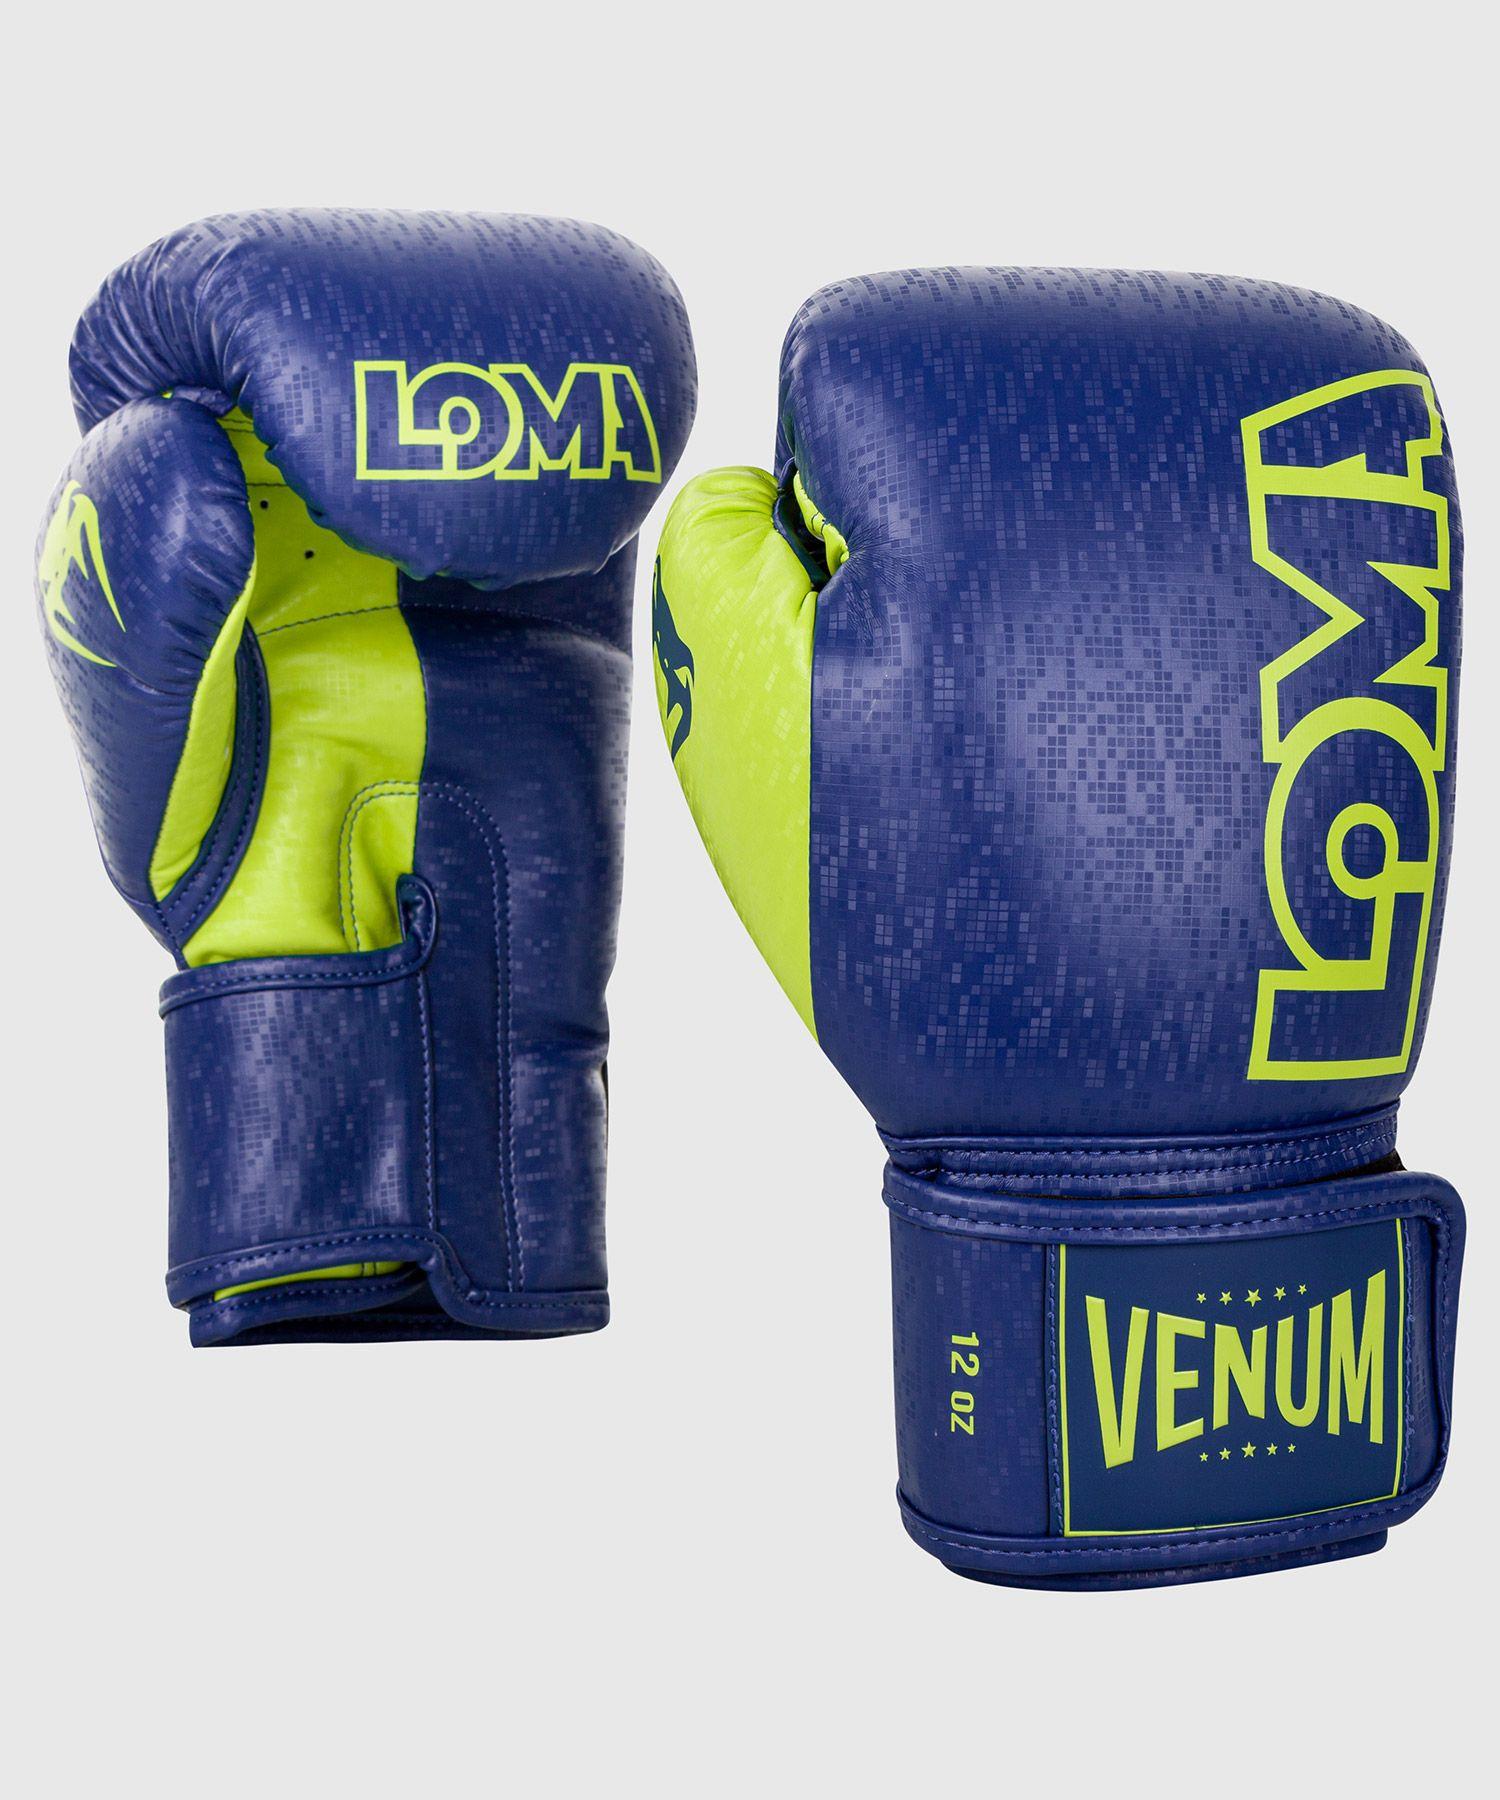 Gants de boxe Venum Origins Loma édition